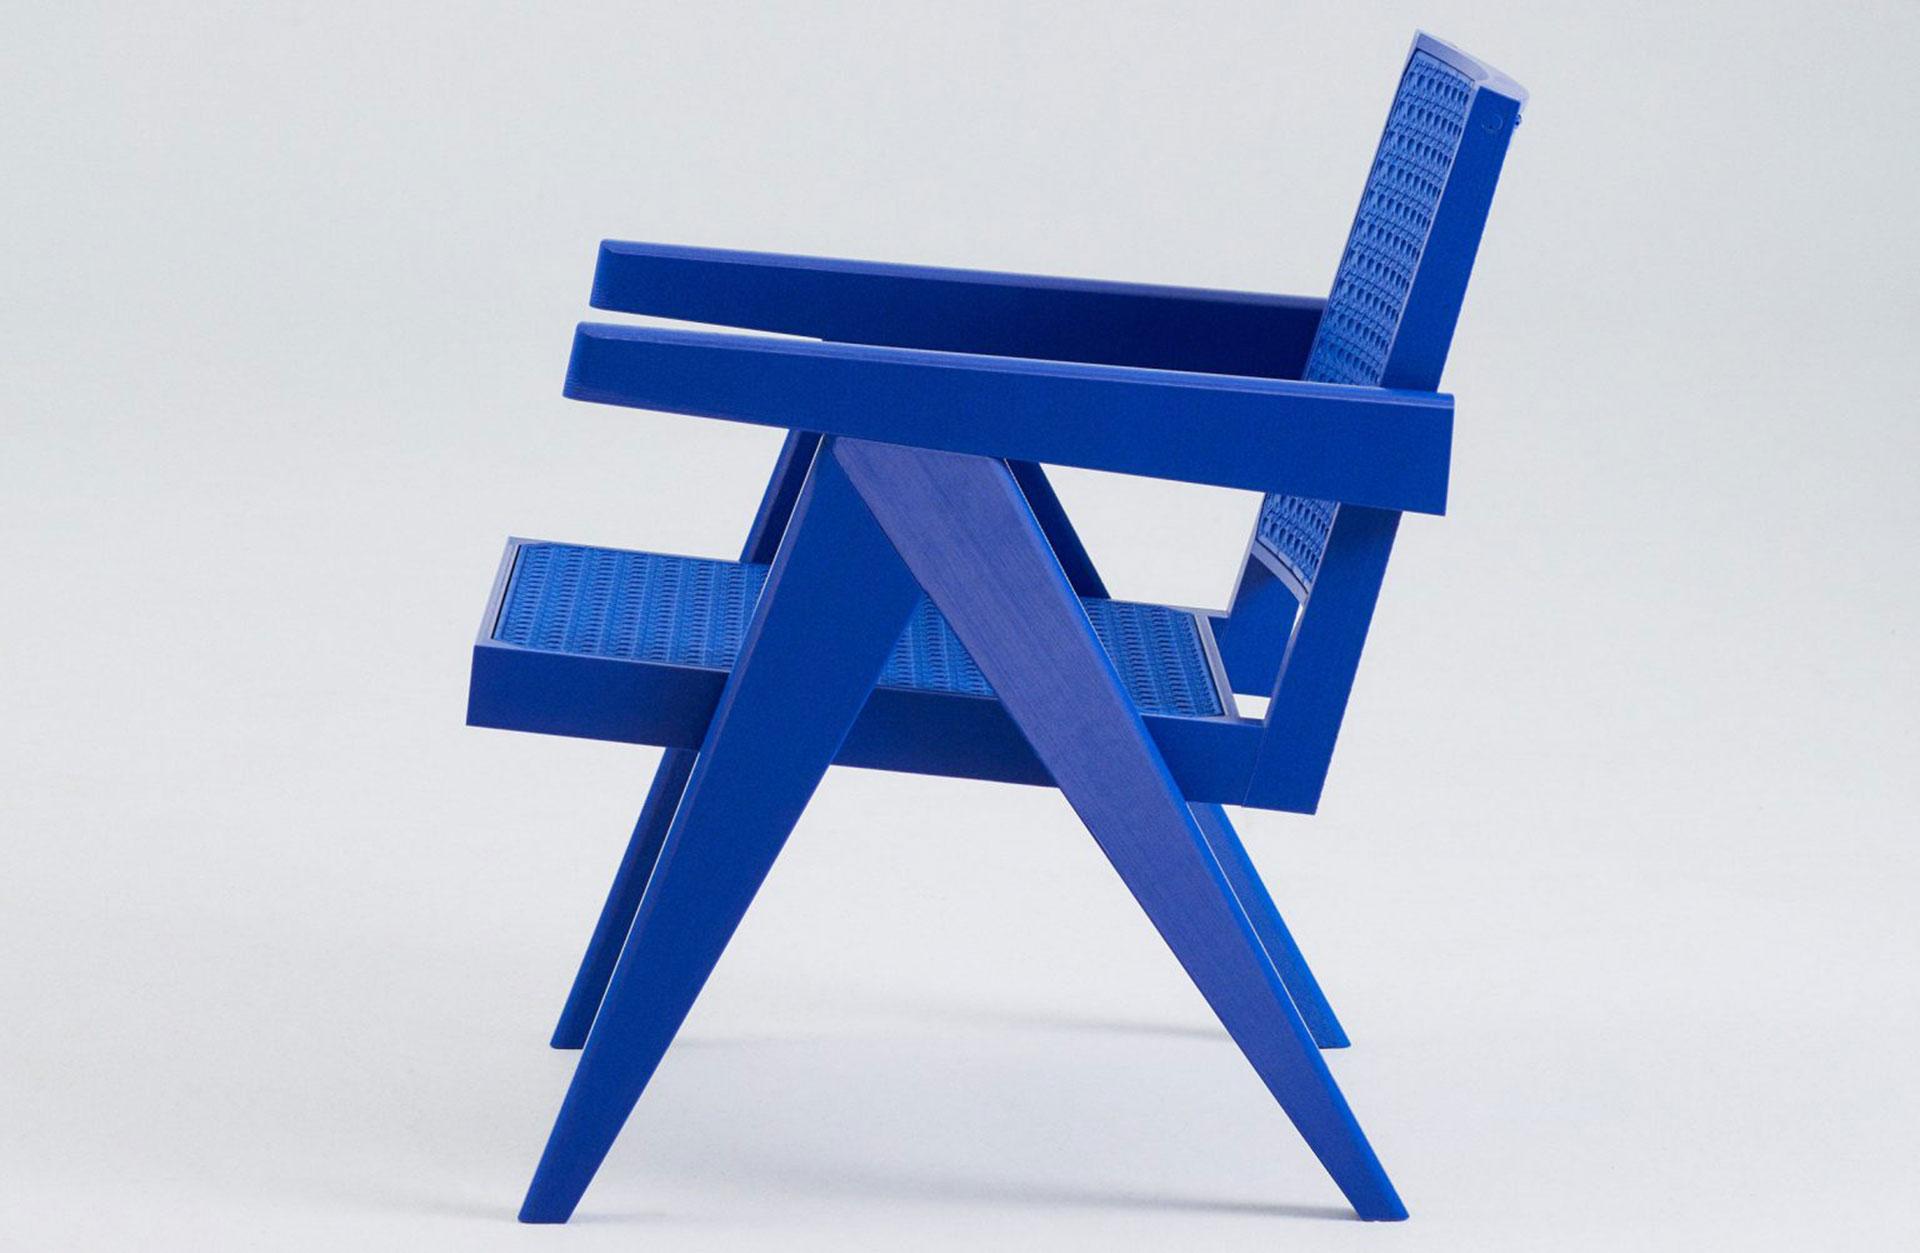 Бенджамин Фейнлайт: переосмысление коллекционного дизайна